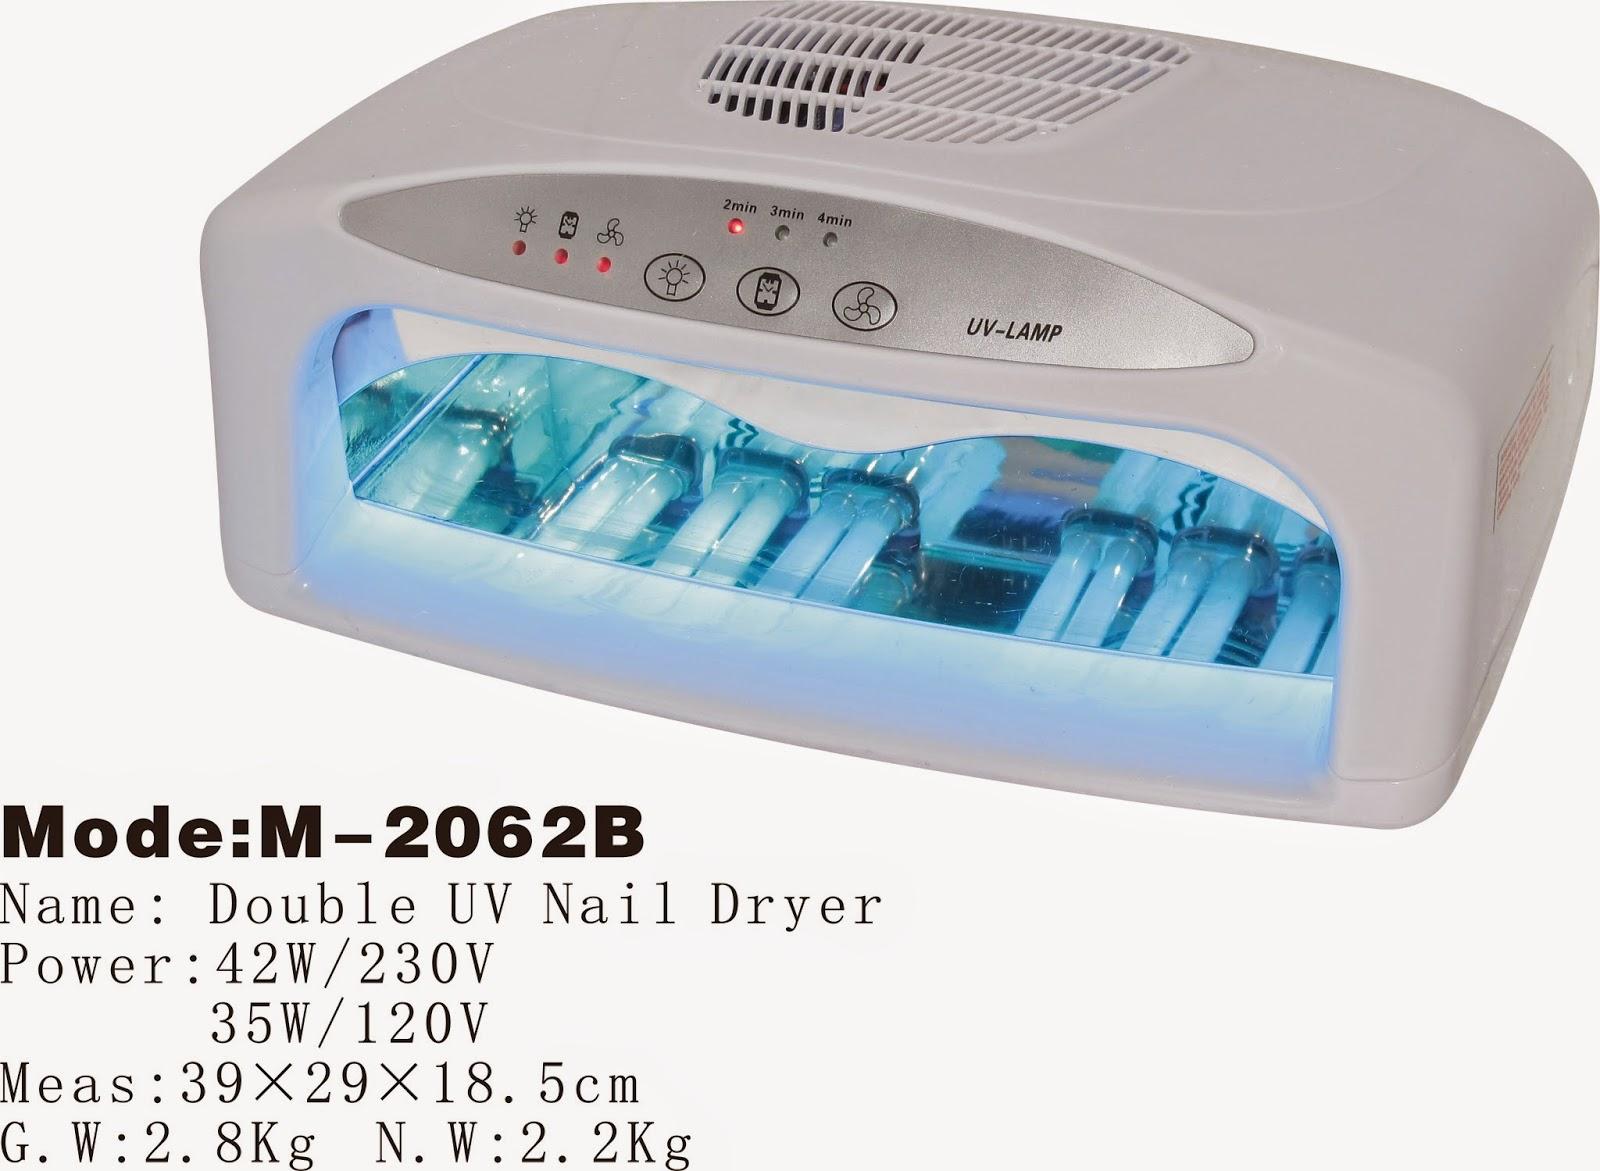 Harga Dan Spesifikasi Lampu Kaca Pembesar Portabel Untuk Facial Salon Barber Radja 2015 Perawatan Kulit Rambut Wajah Nail Dryer